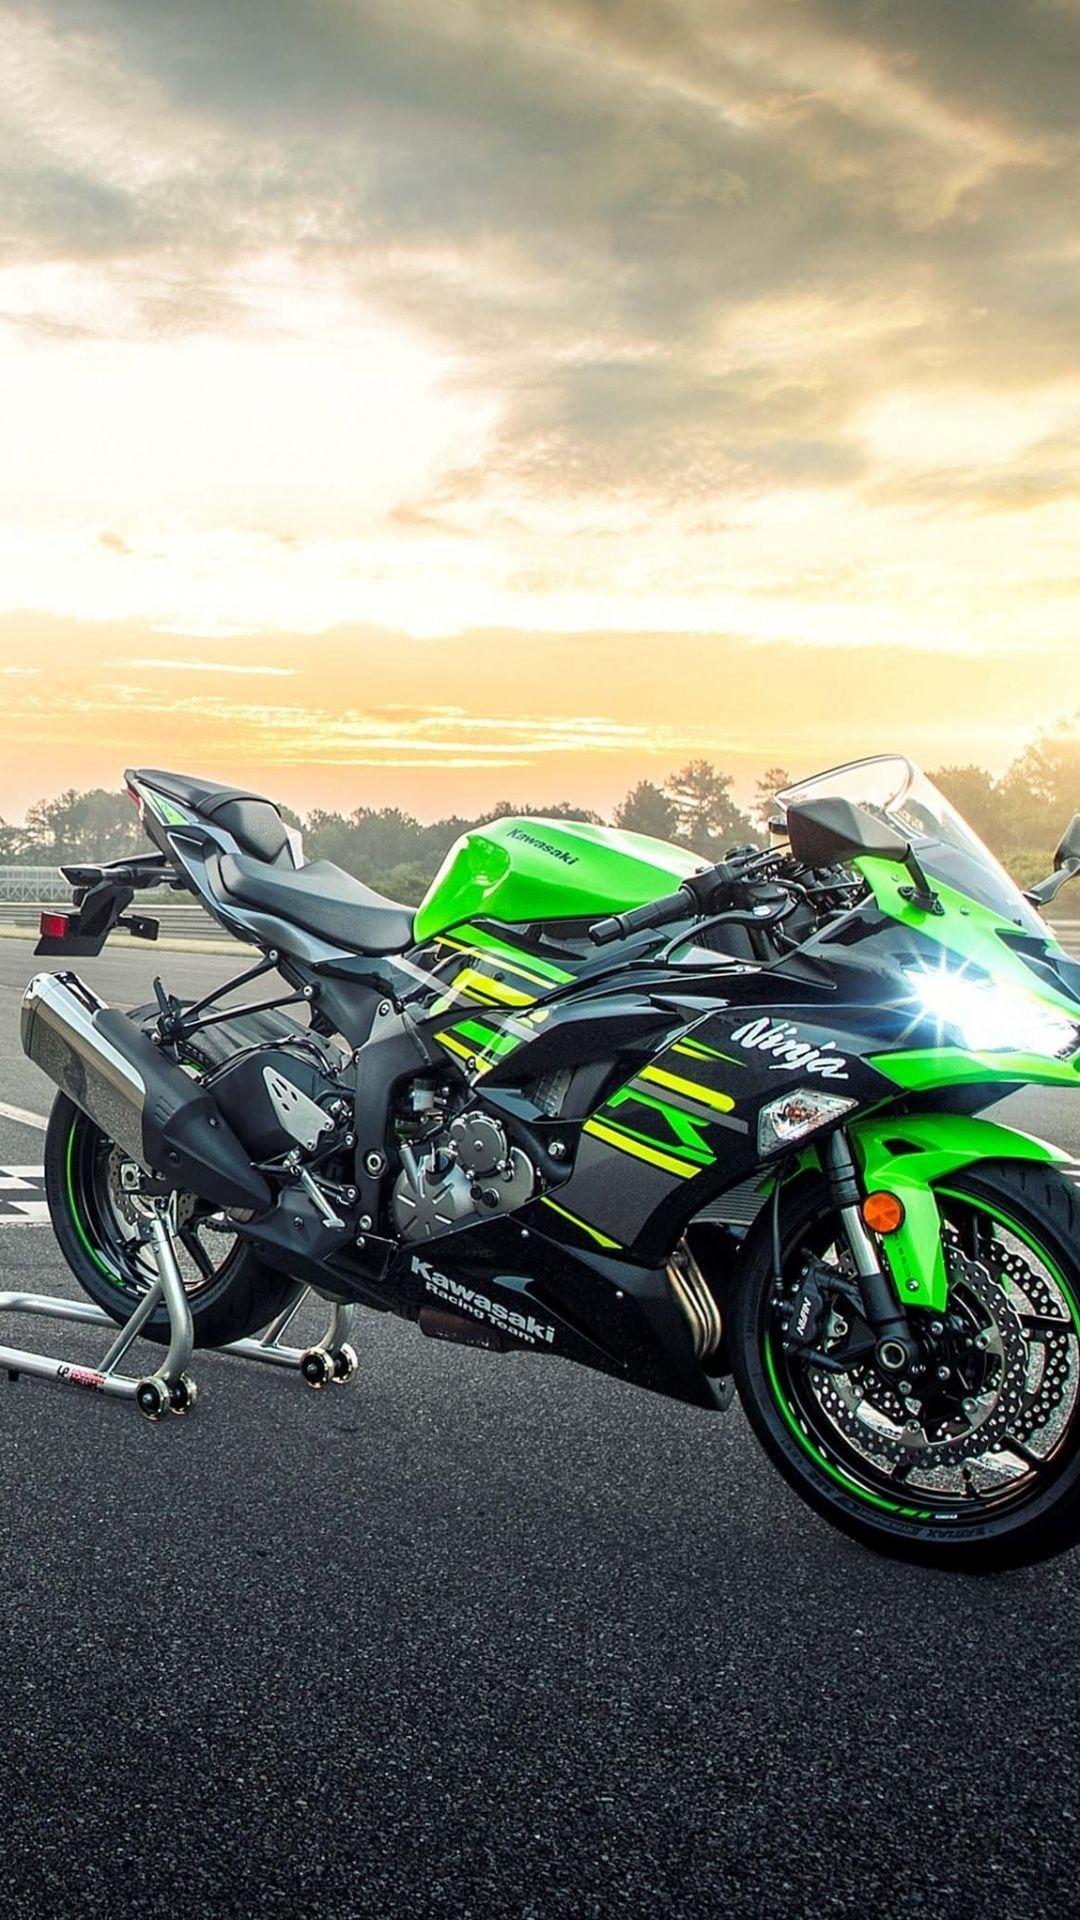 Kawasaki Ninja Zx 6r Sport Bike 1080x1920 Wallpaper Sport